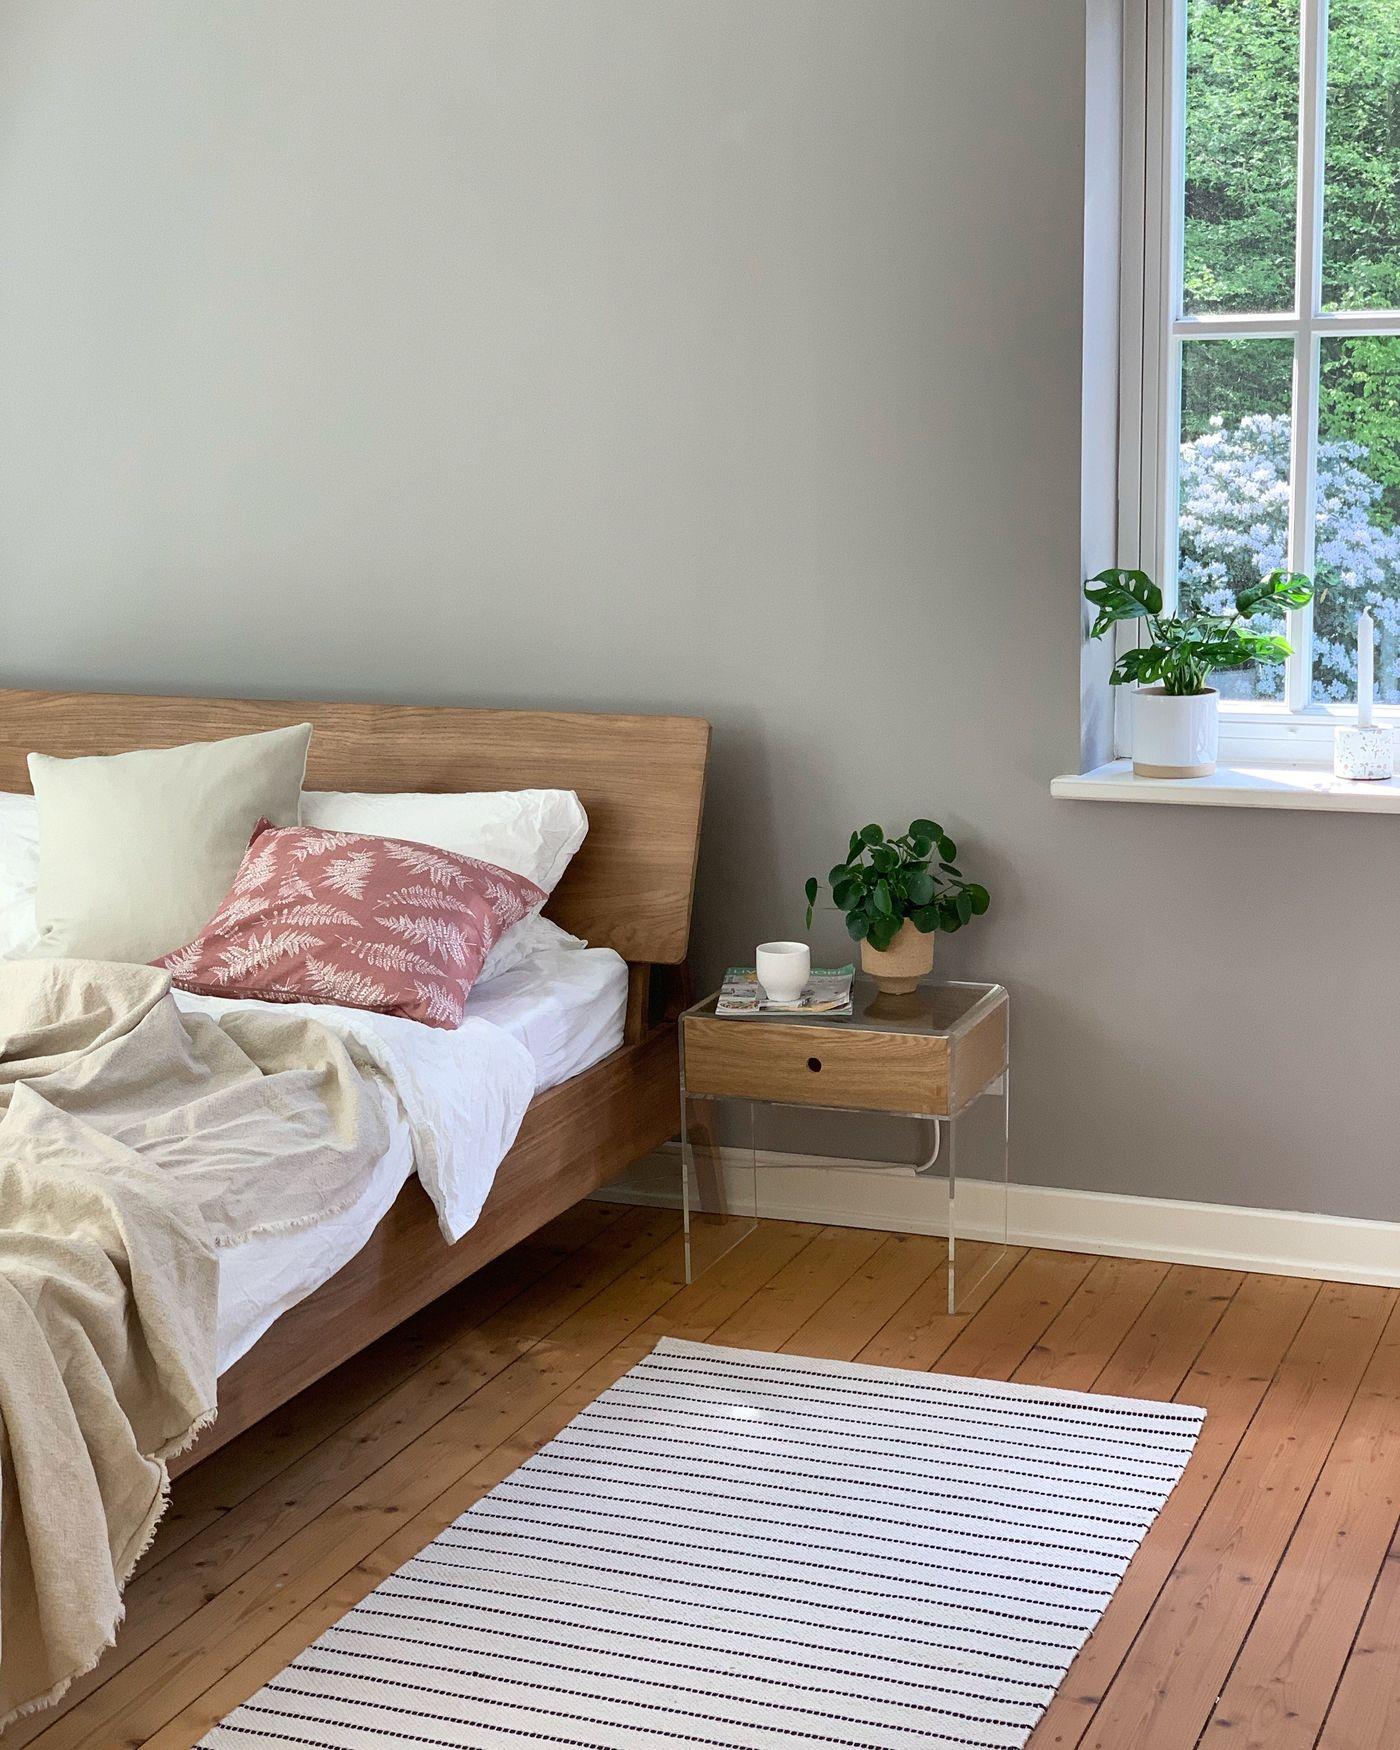 Kleiderablage Schlafzimmer Ideen Caseconrad Com